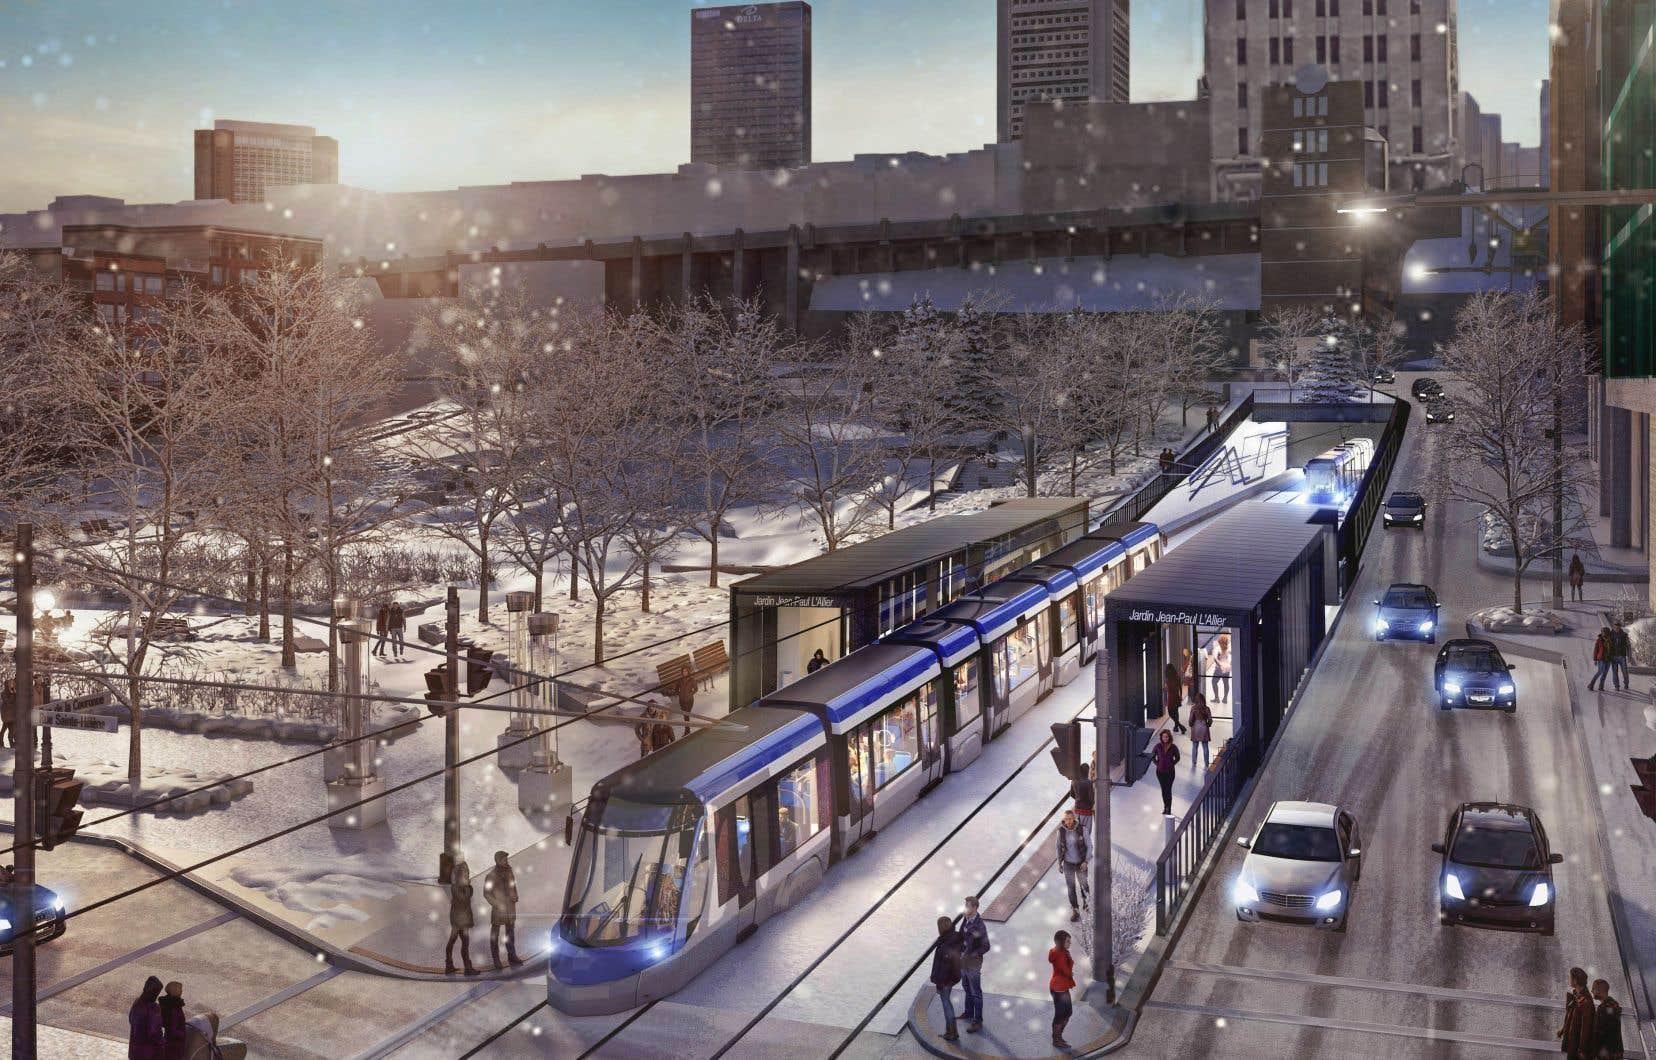 <p>Cette démarche survientdans la foulée de la décision du gouvernement Legault de proposer son propre tracé du tramway afin de mieux desservir les banlieues.</p>